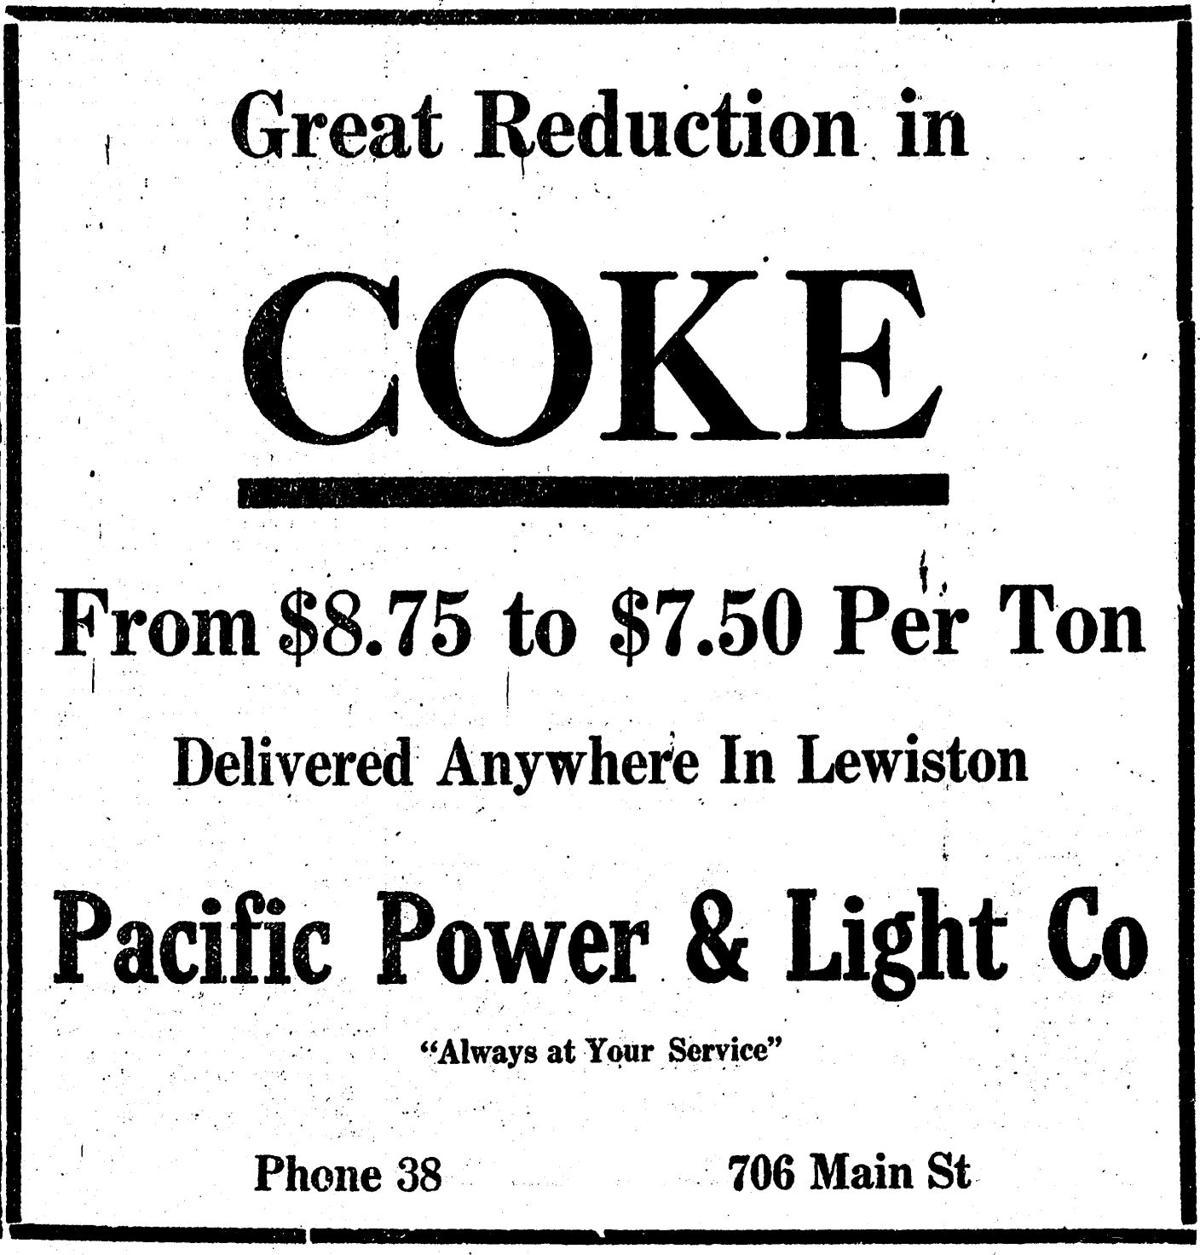 FB 10 12 1910 Coke.jpg